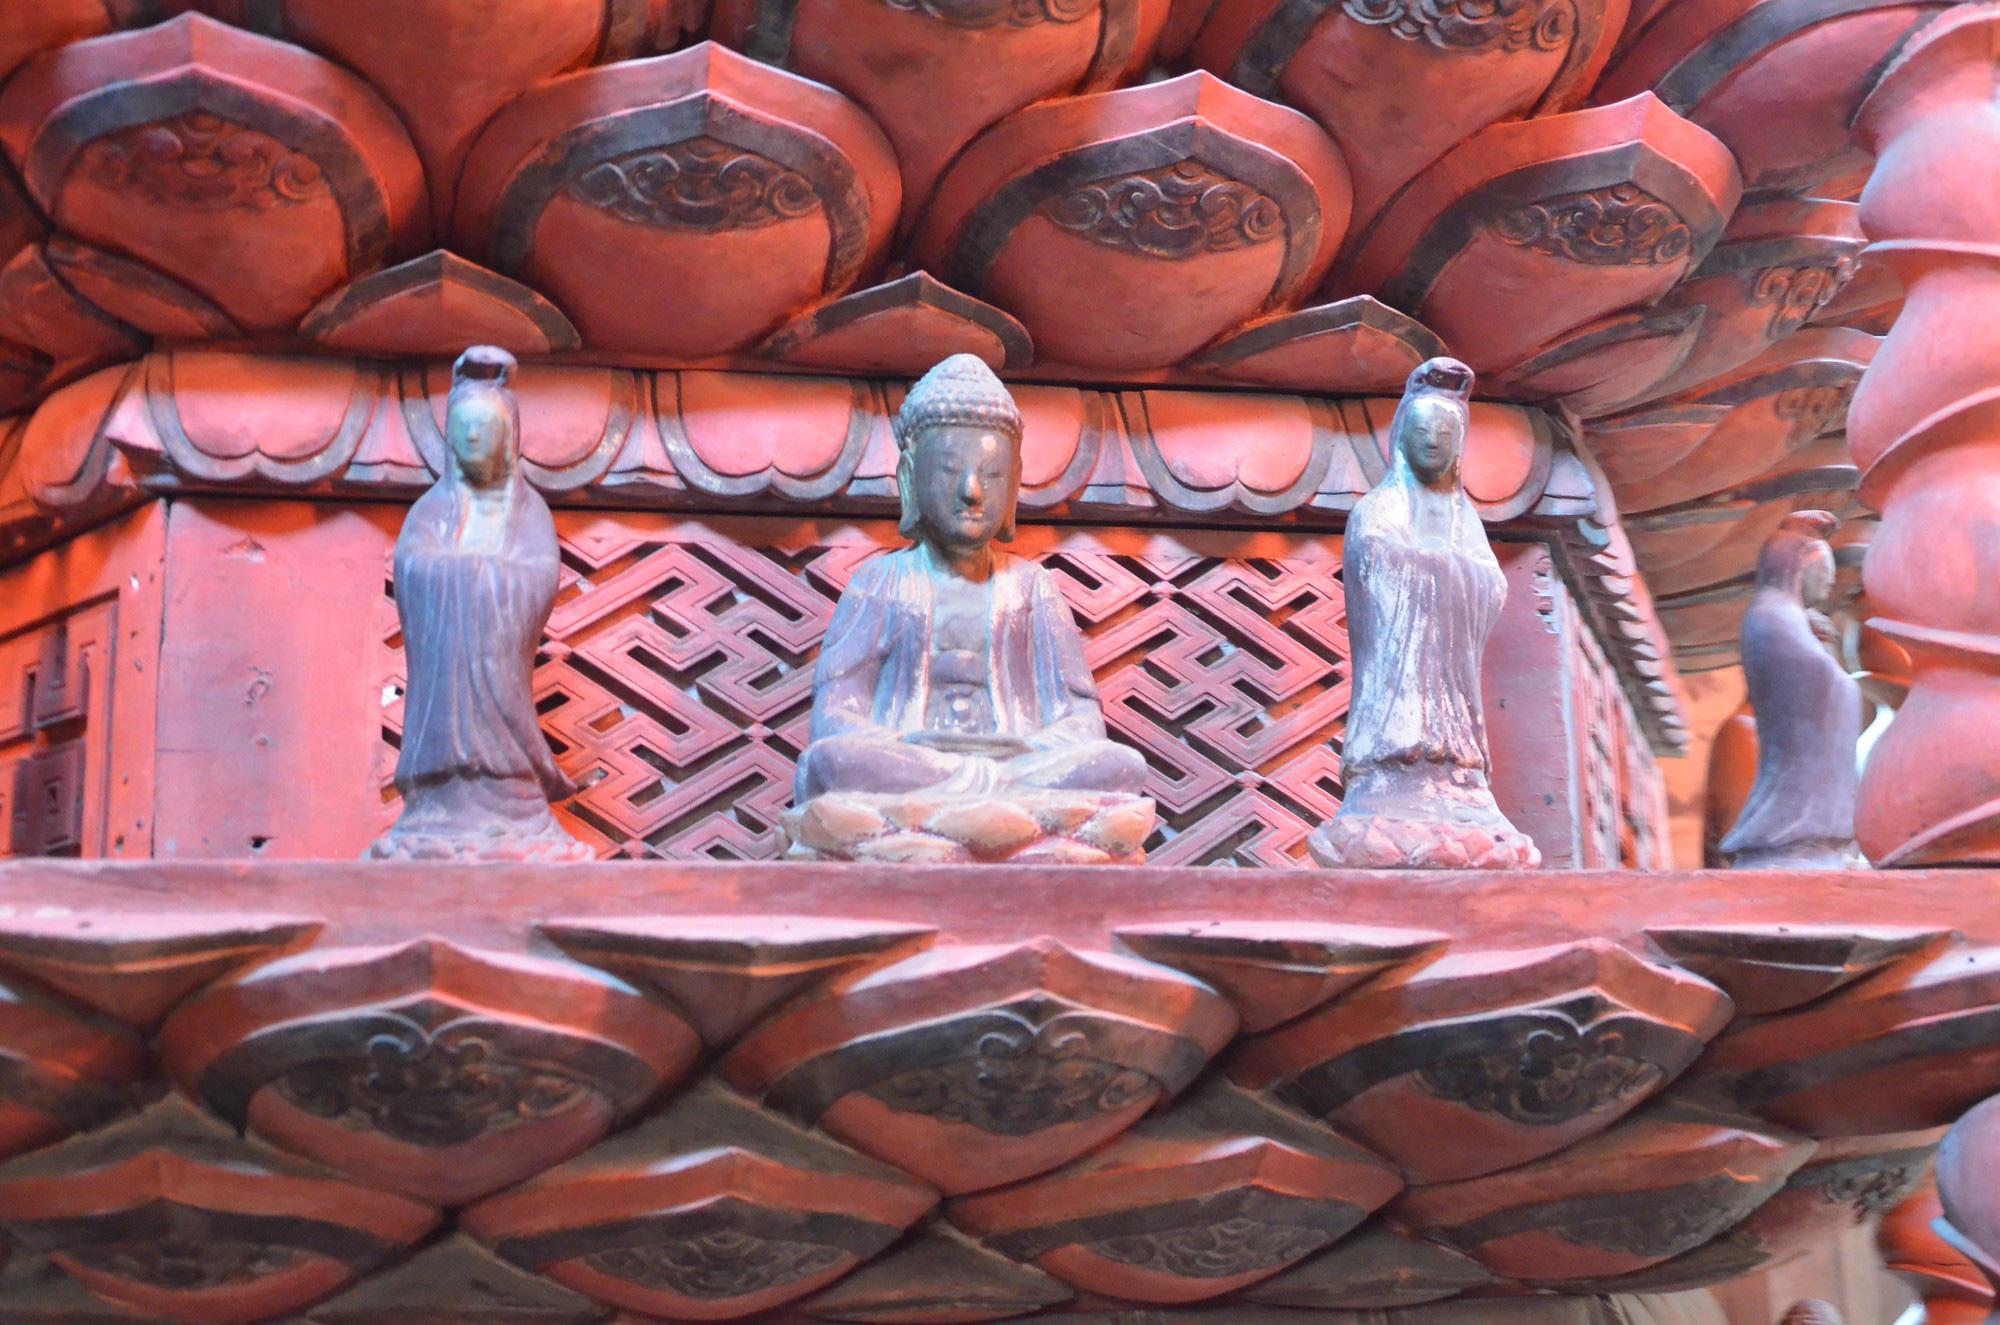 """Về chùa Giám Hải Dương chiêm ngưỡng """"báu vật"""" quốc gia từ cuối thế kỷ 17, chỉ có duy nhất ở Việt Nam  - Ảnh 6."""